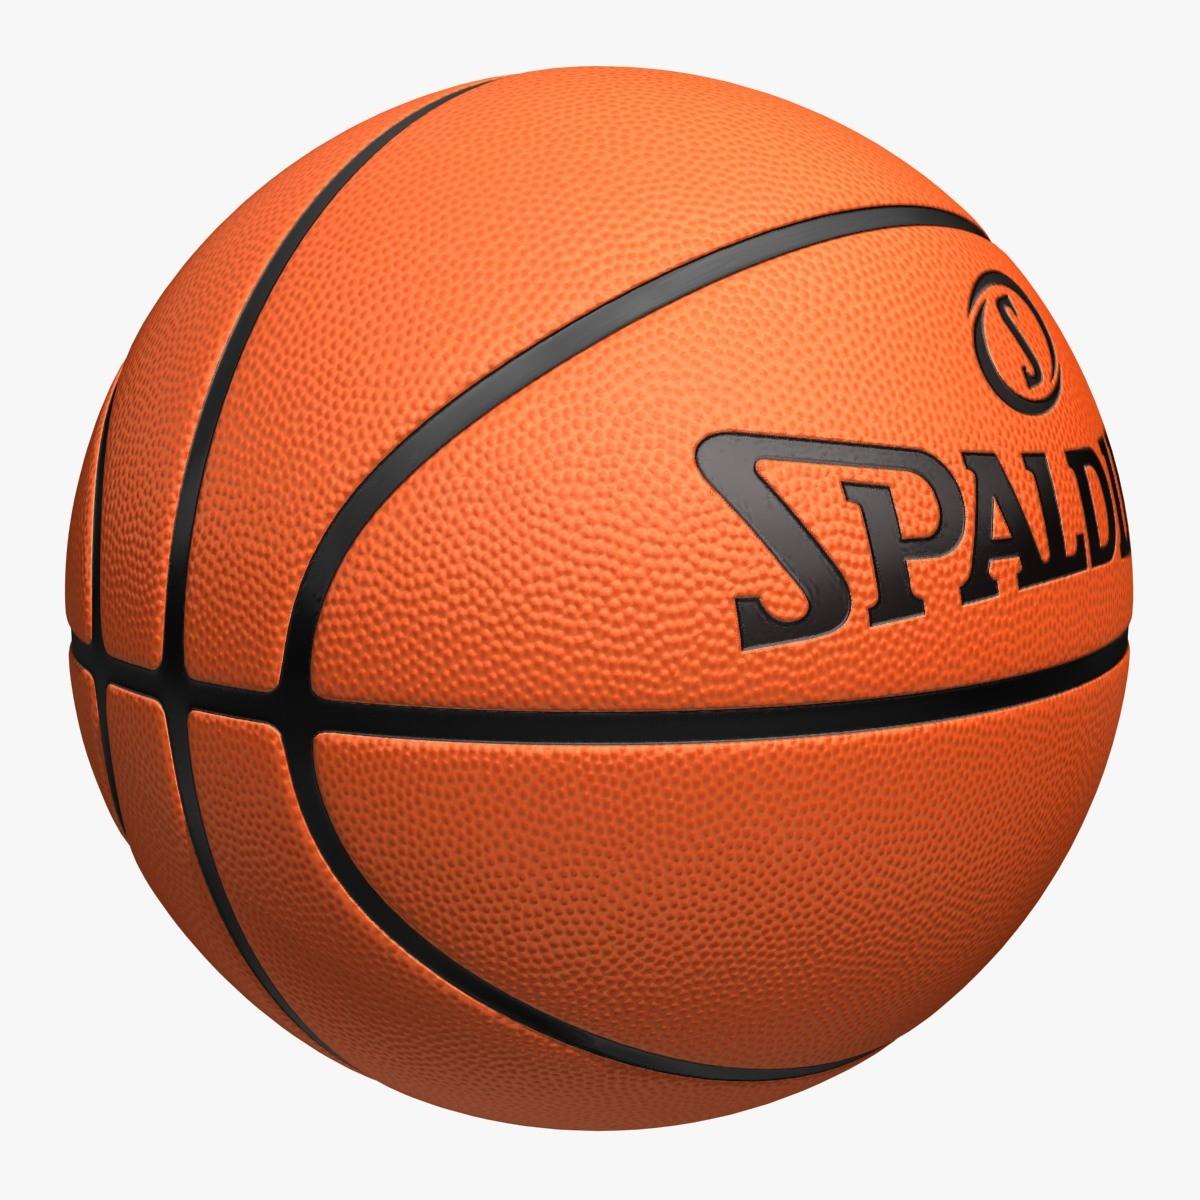 Basketball-Spalding_Rr_02.jpg